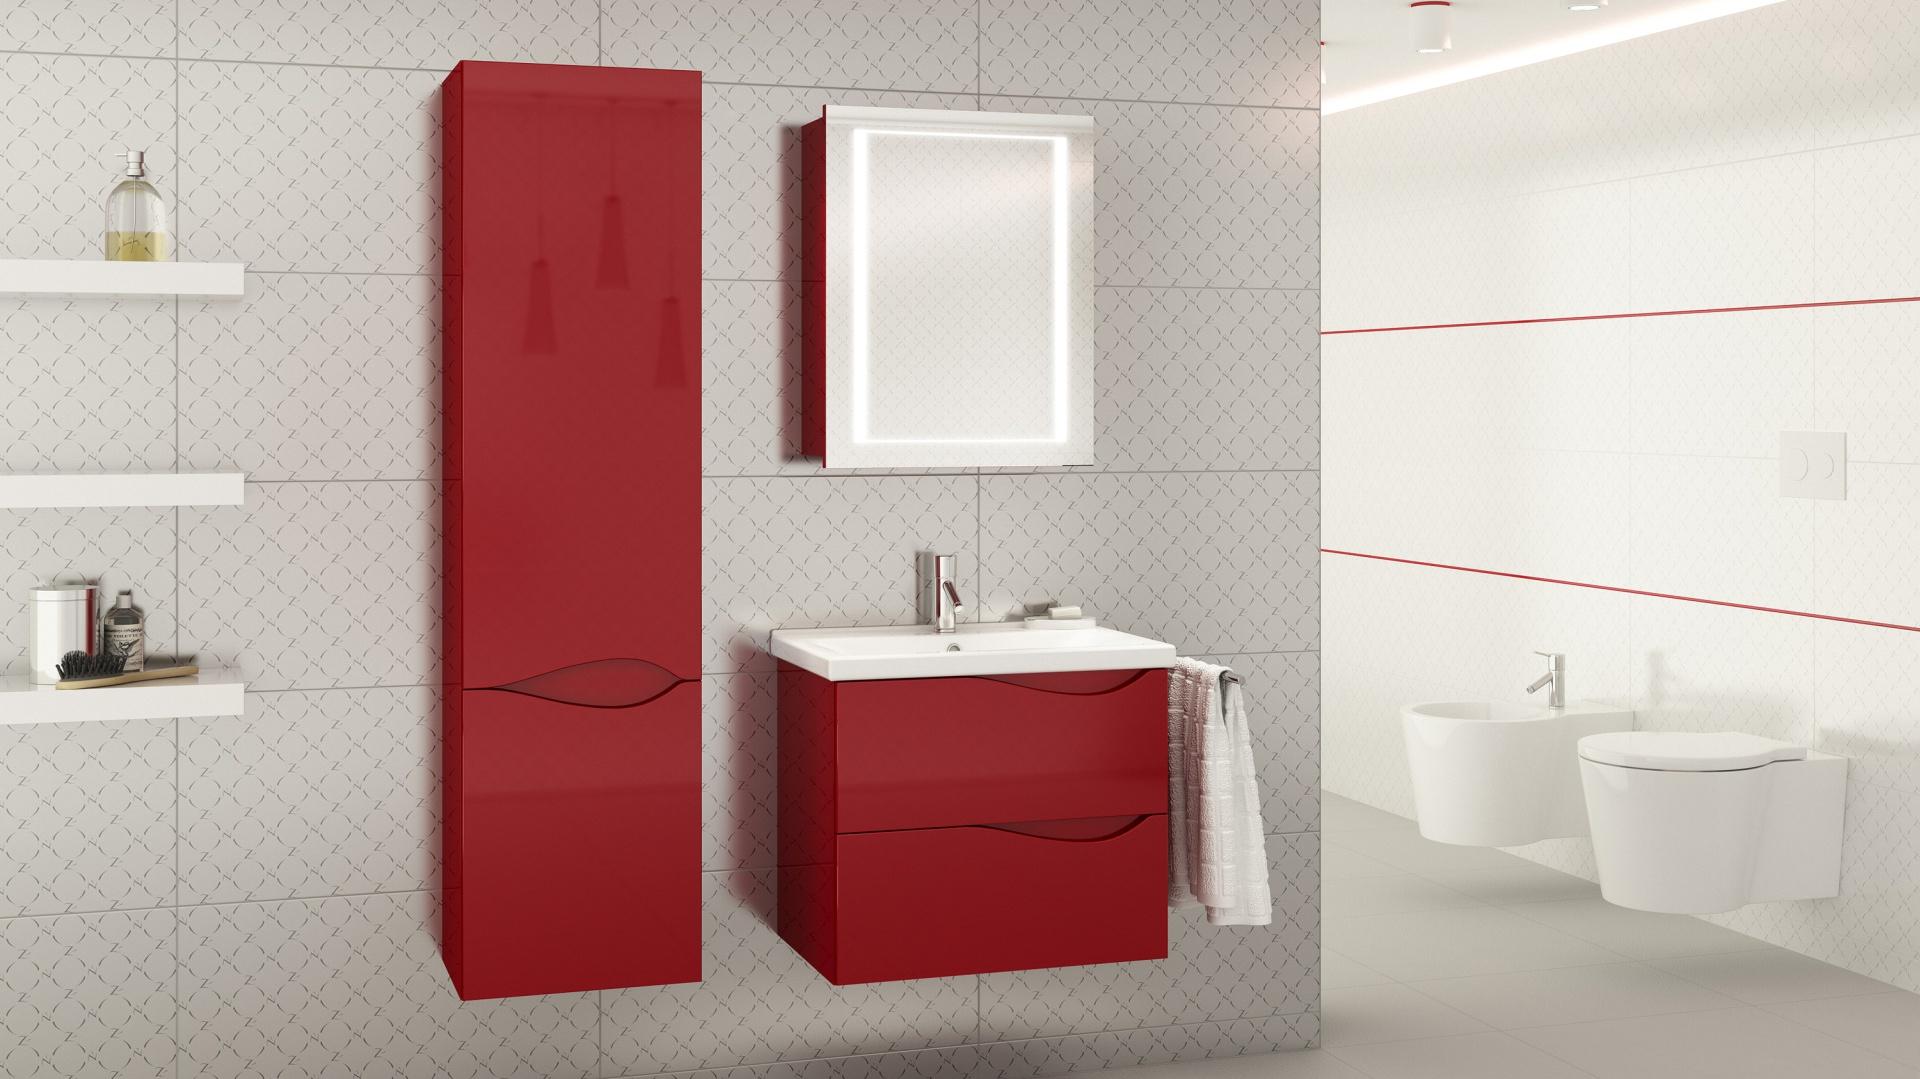 Kolekcja Murcia to ciekawe wzornictwo połączone z kompaktową formą dostosowaną do niewielkich łazienek. Fot. Defra.